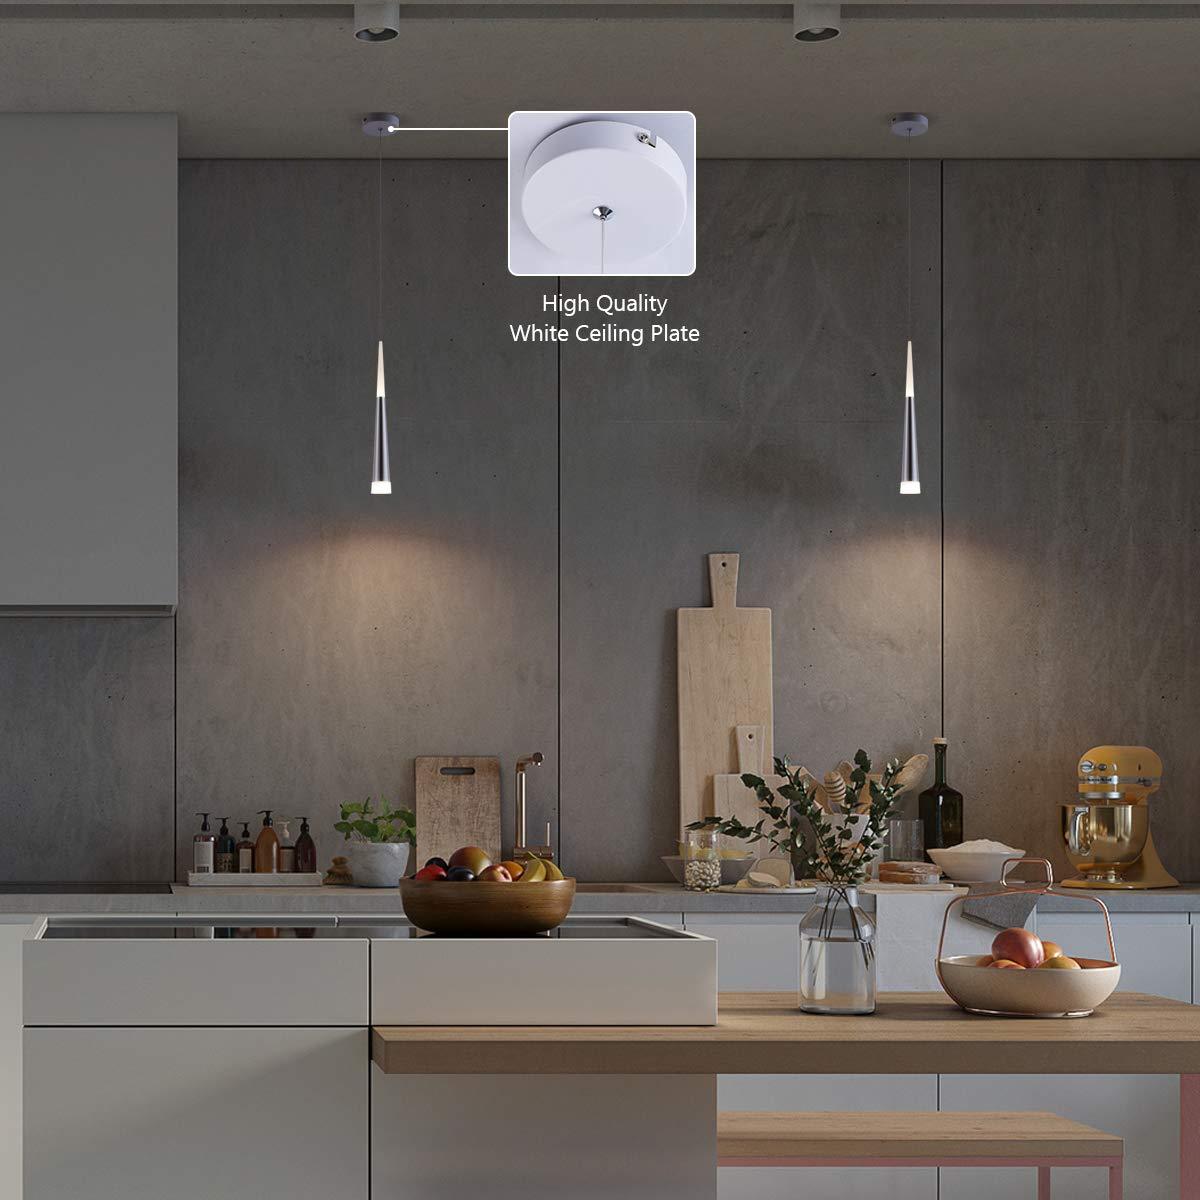 Amazon.com: Bewamf - Lámpara de techo con forma de mini isla ...